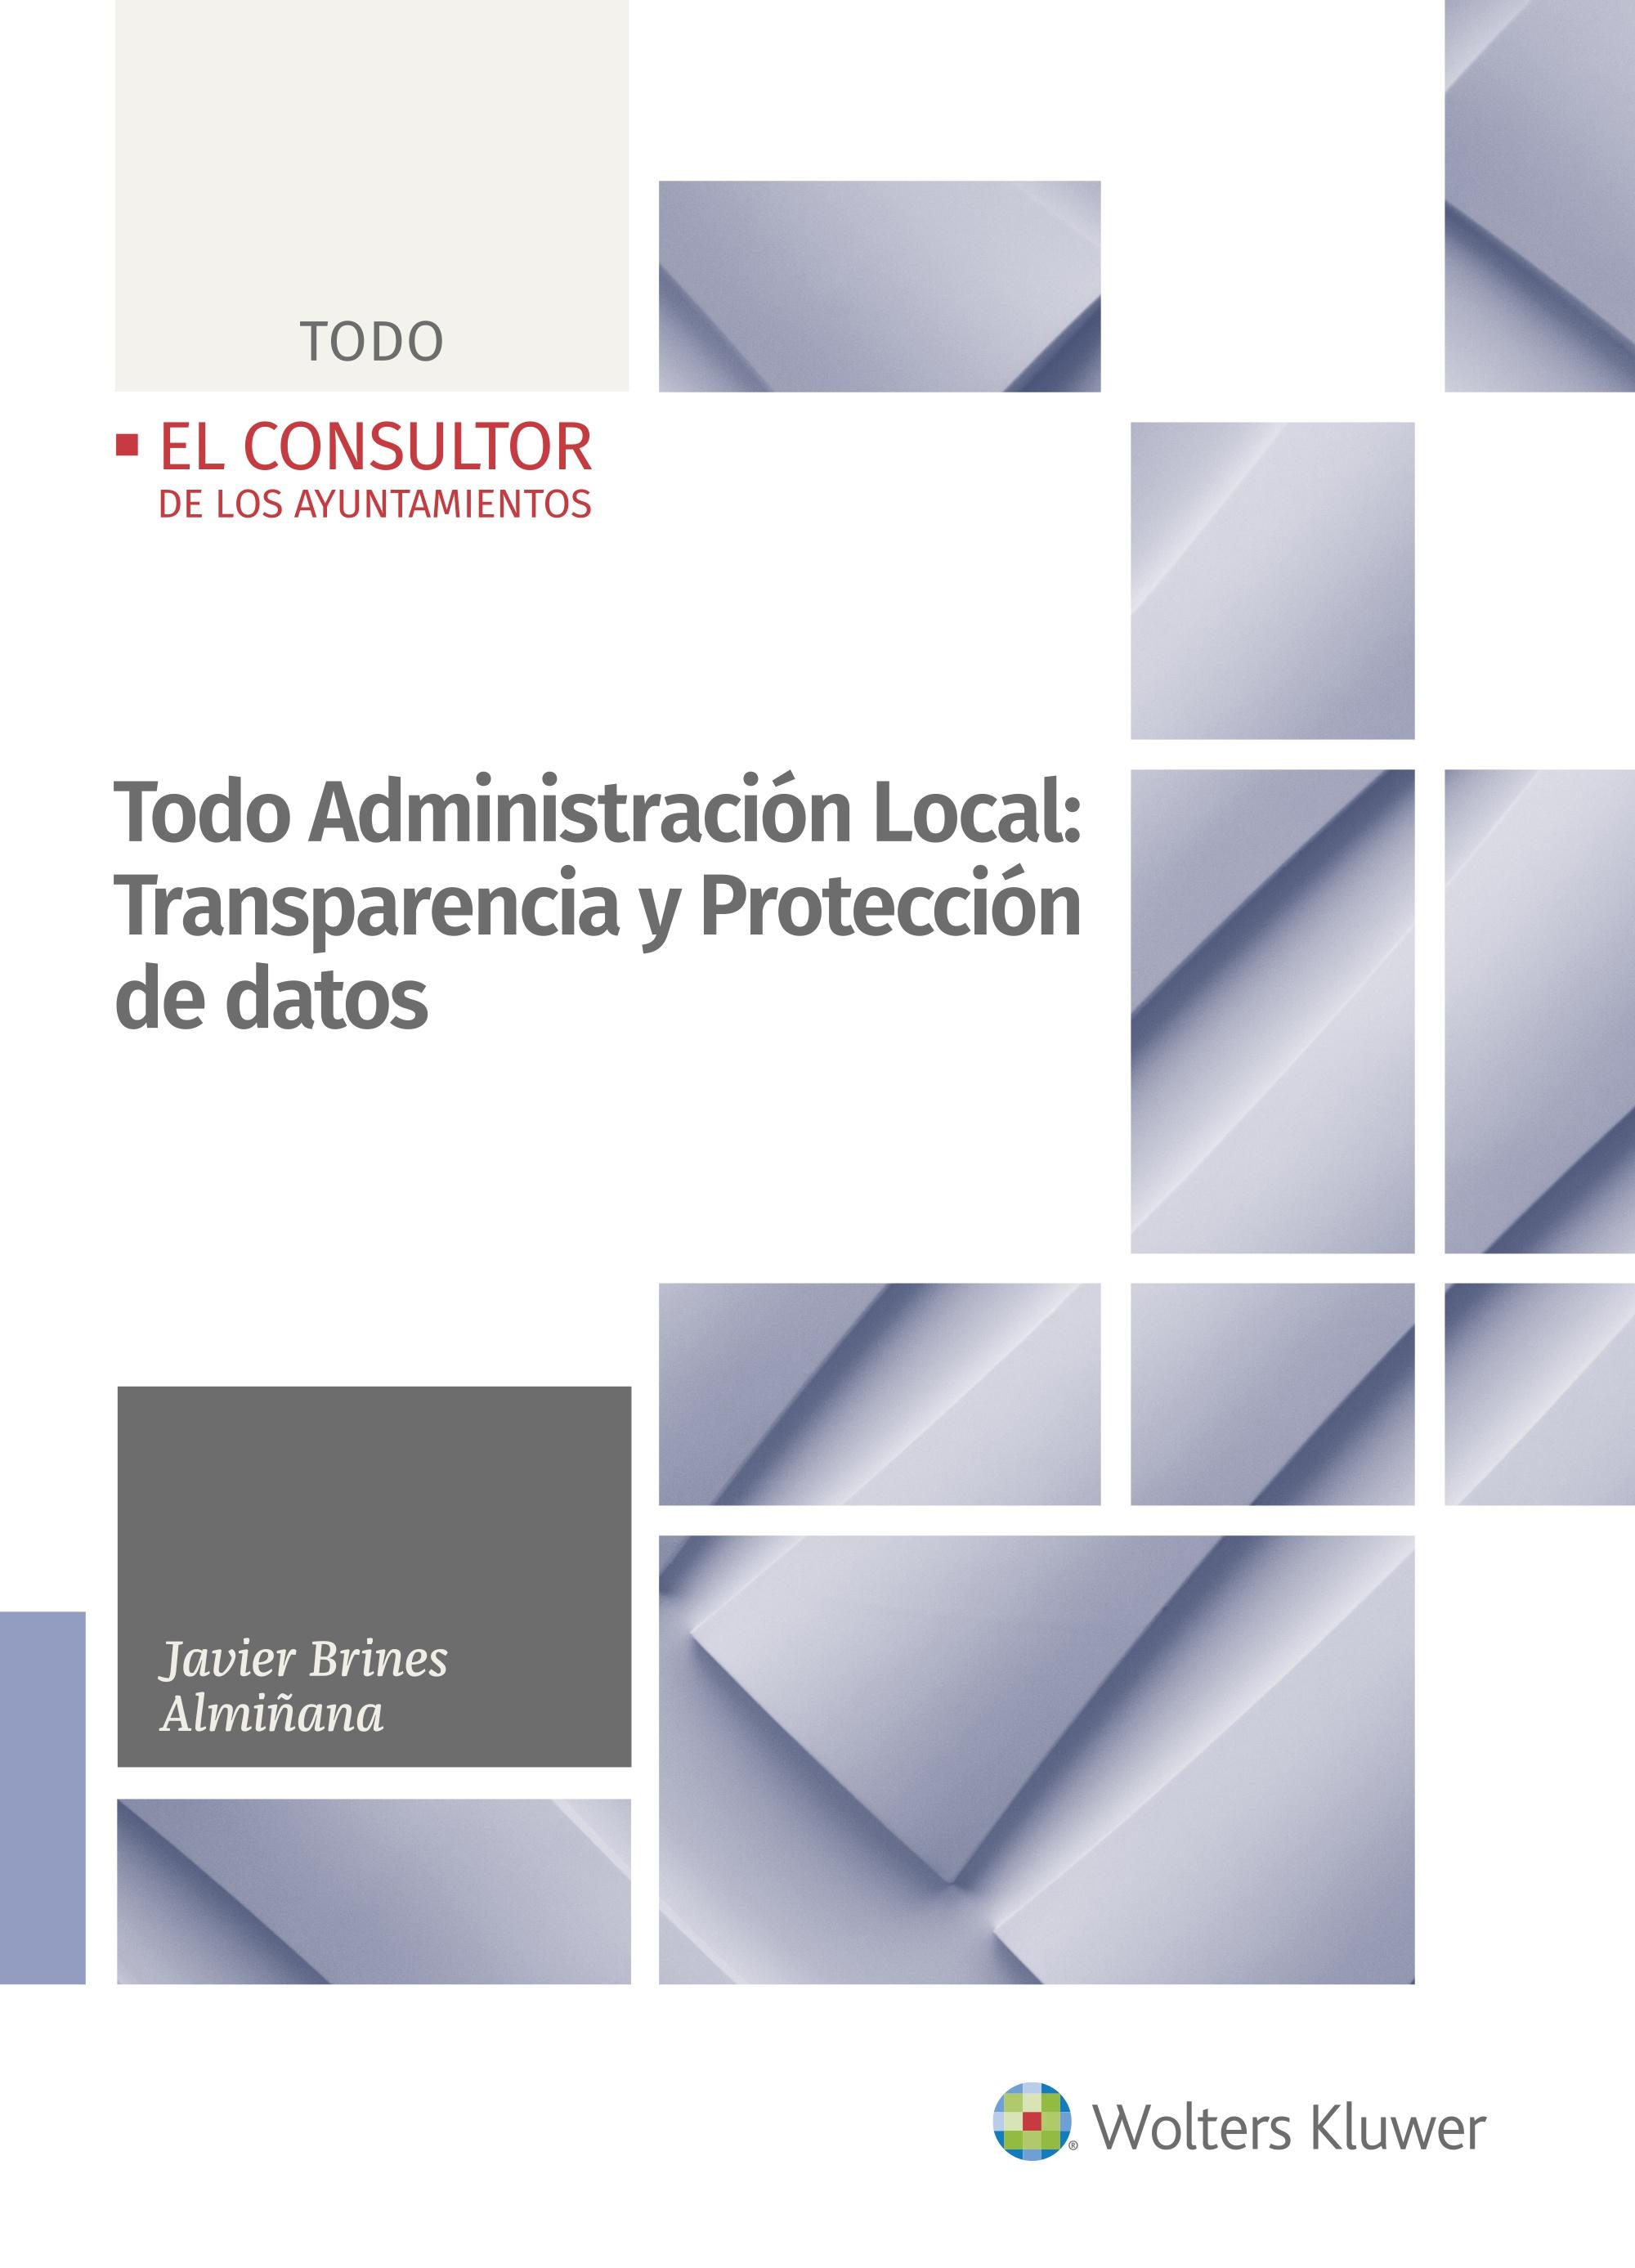 Todo Administración Local: Transparencia y Protección de datos